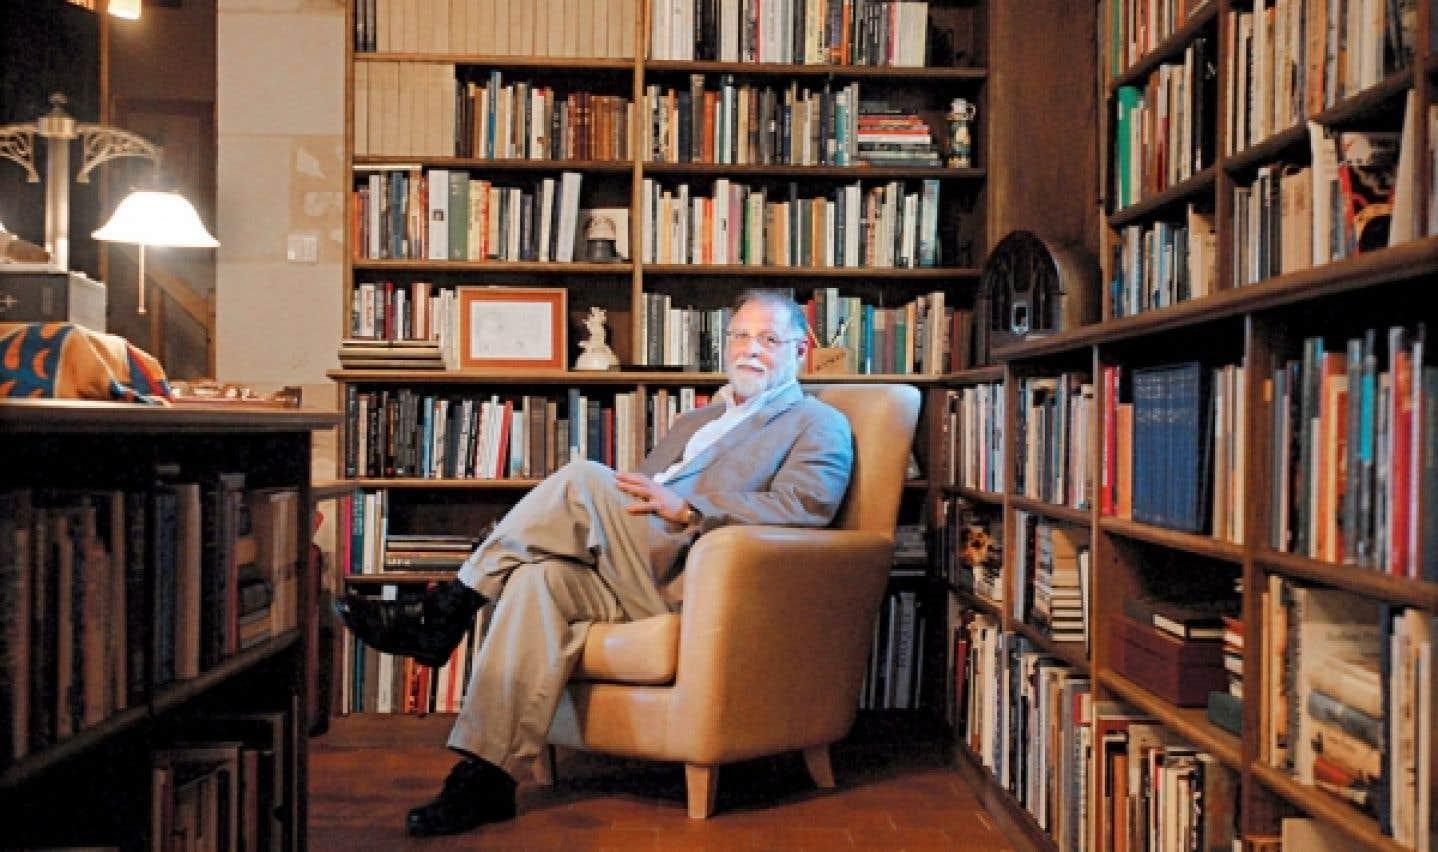 Alberto Manguel est d'abord un lecteur avant d'être un écrivain. Dans son récit intitulé Place à l'ombre, il raconte que, plus jeune, il ne s'imaginait pas du tout prendre la plume, ne voyant pas l'intérêt d'ajouter sa signature, alors que les bibliothèques et librairies lui semblaient suffisamment bien garnies pour assouvir ses appétits.